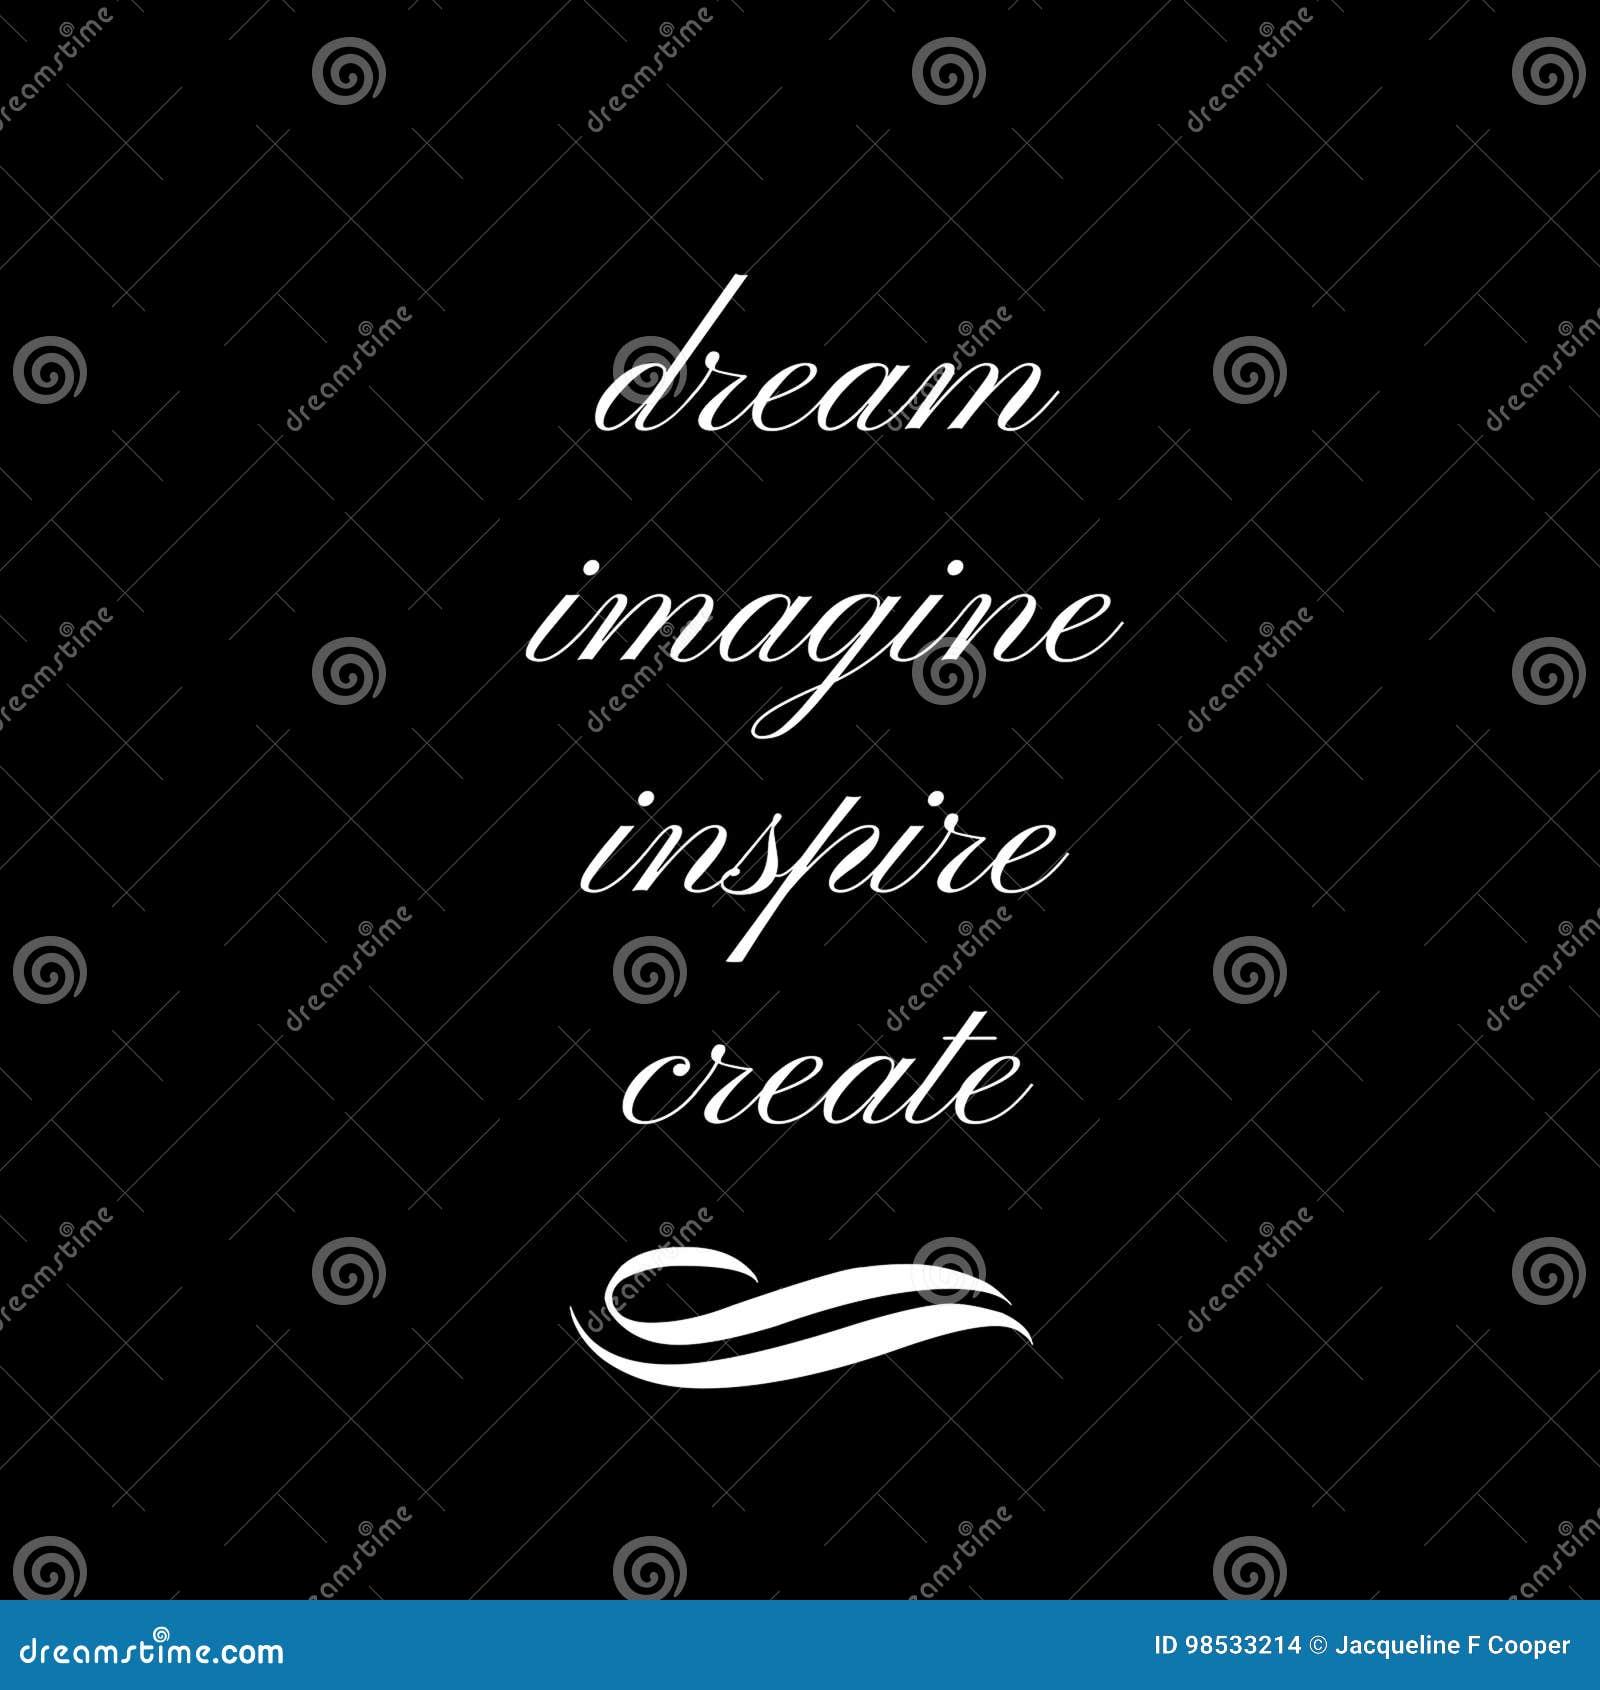 Citation inspirée : Rêvez, imaginez, inspirez, créez